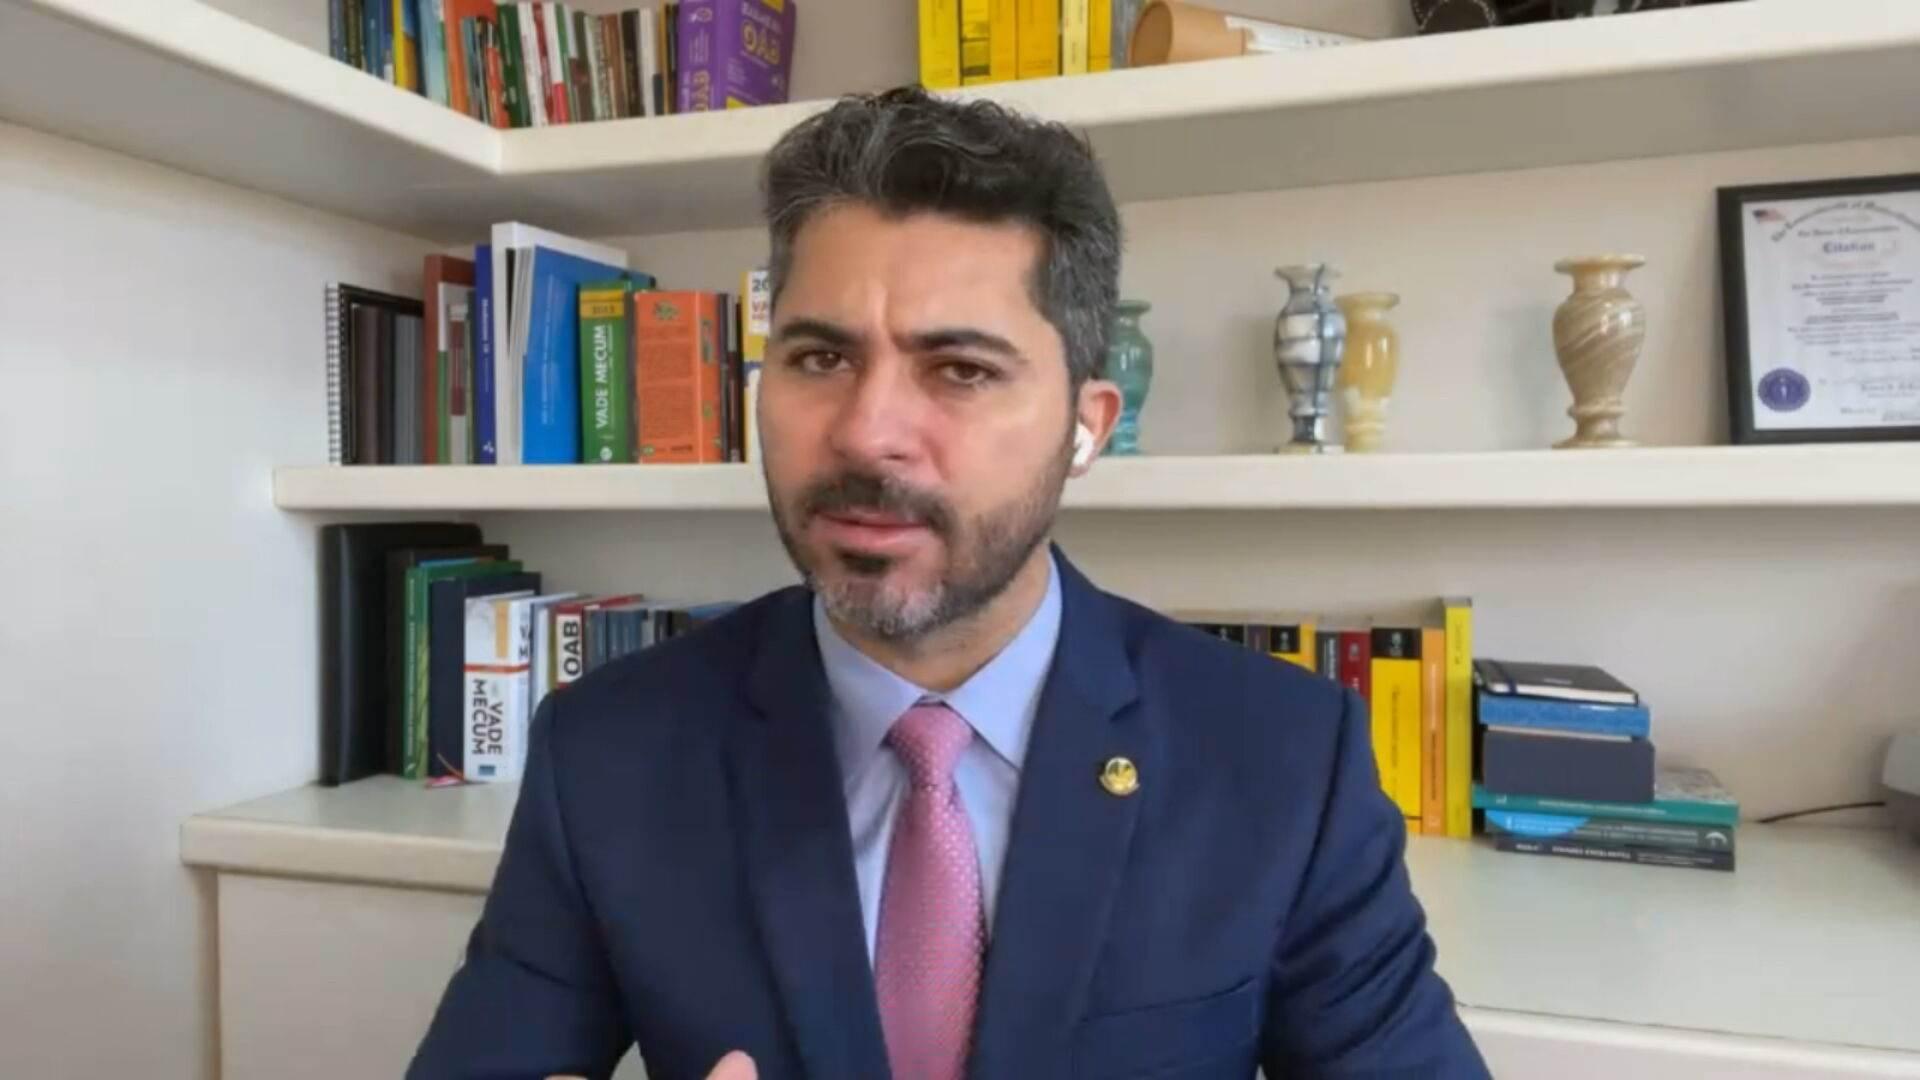 Senador Marcos Rogério (DEM-RO), titular da CPI da Pandemia